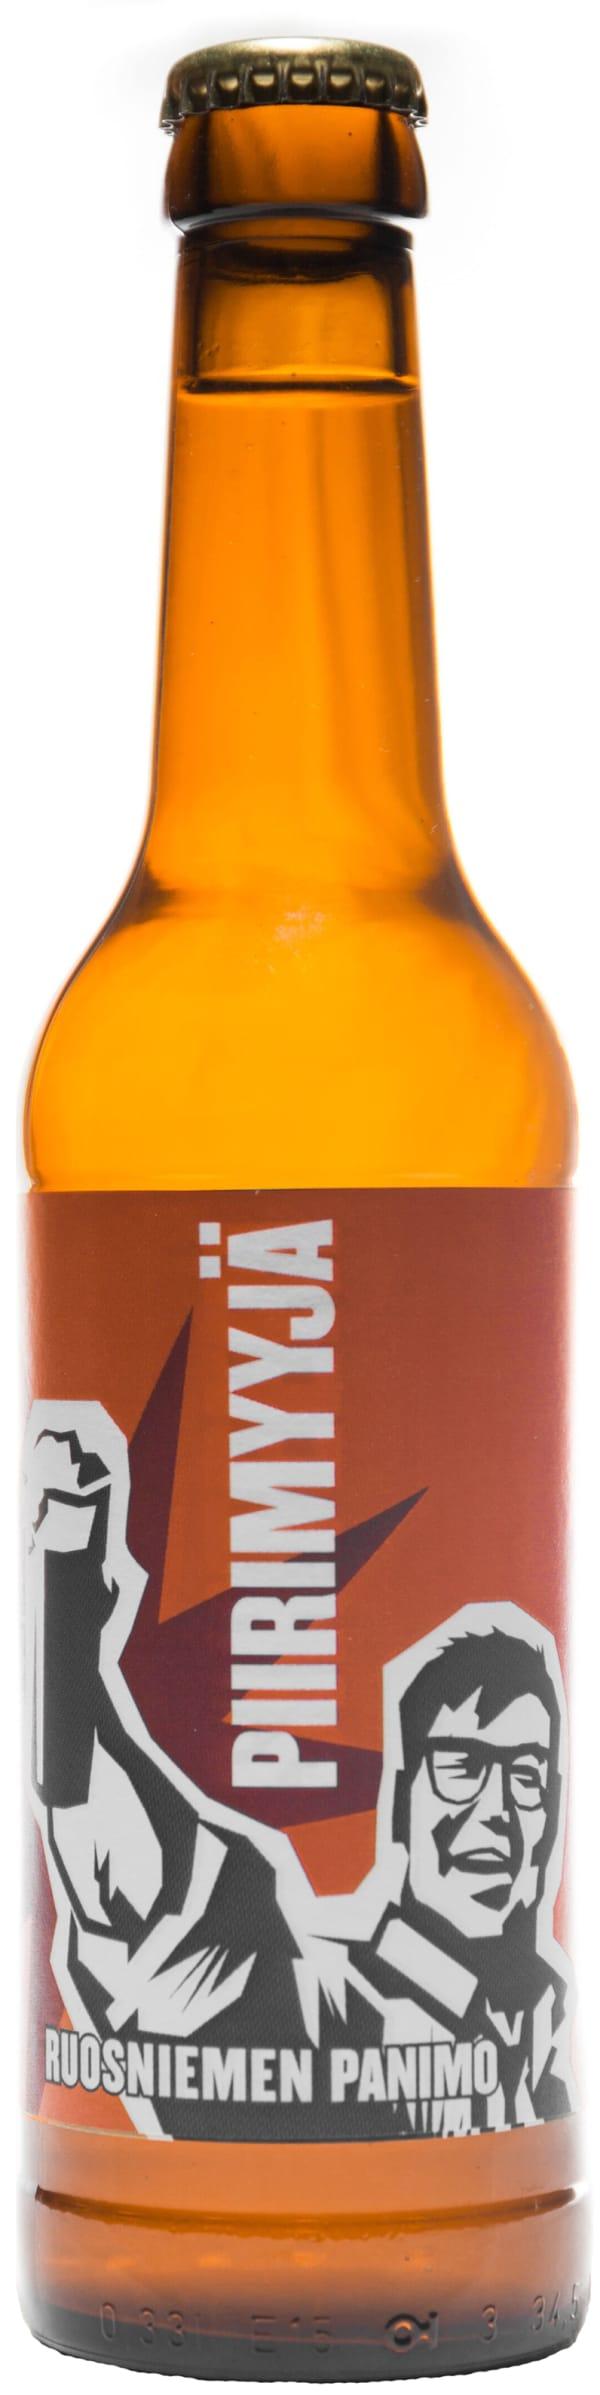 Ruosniemen Panimo Piirimyyjä American Pale Ale